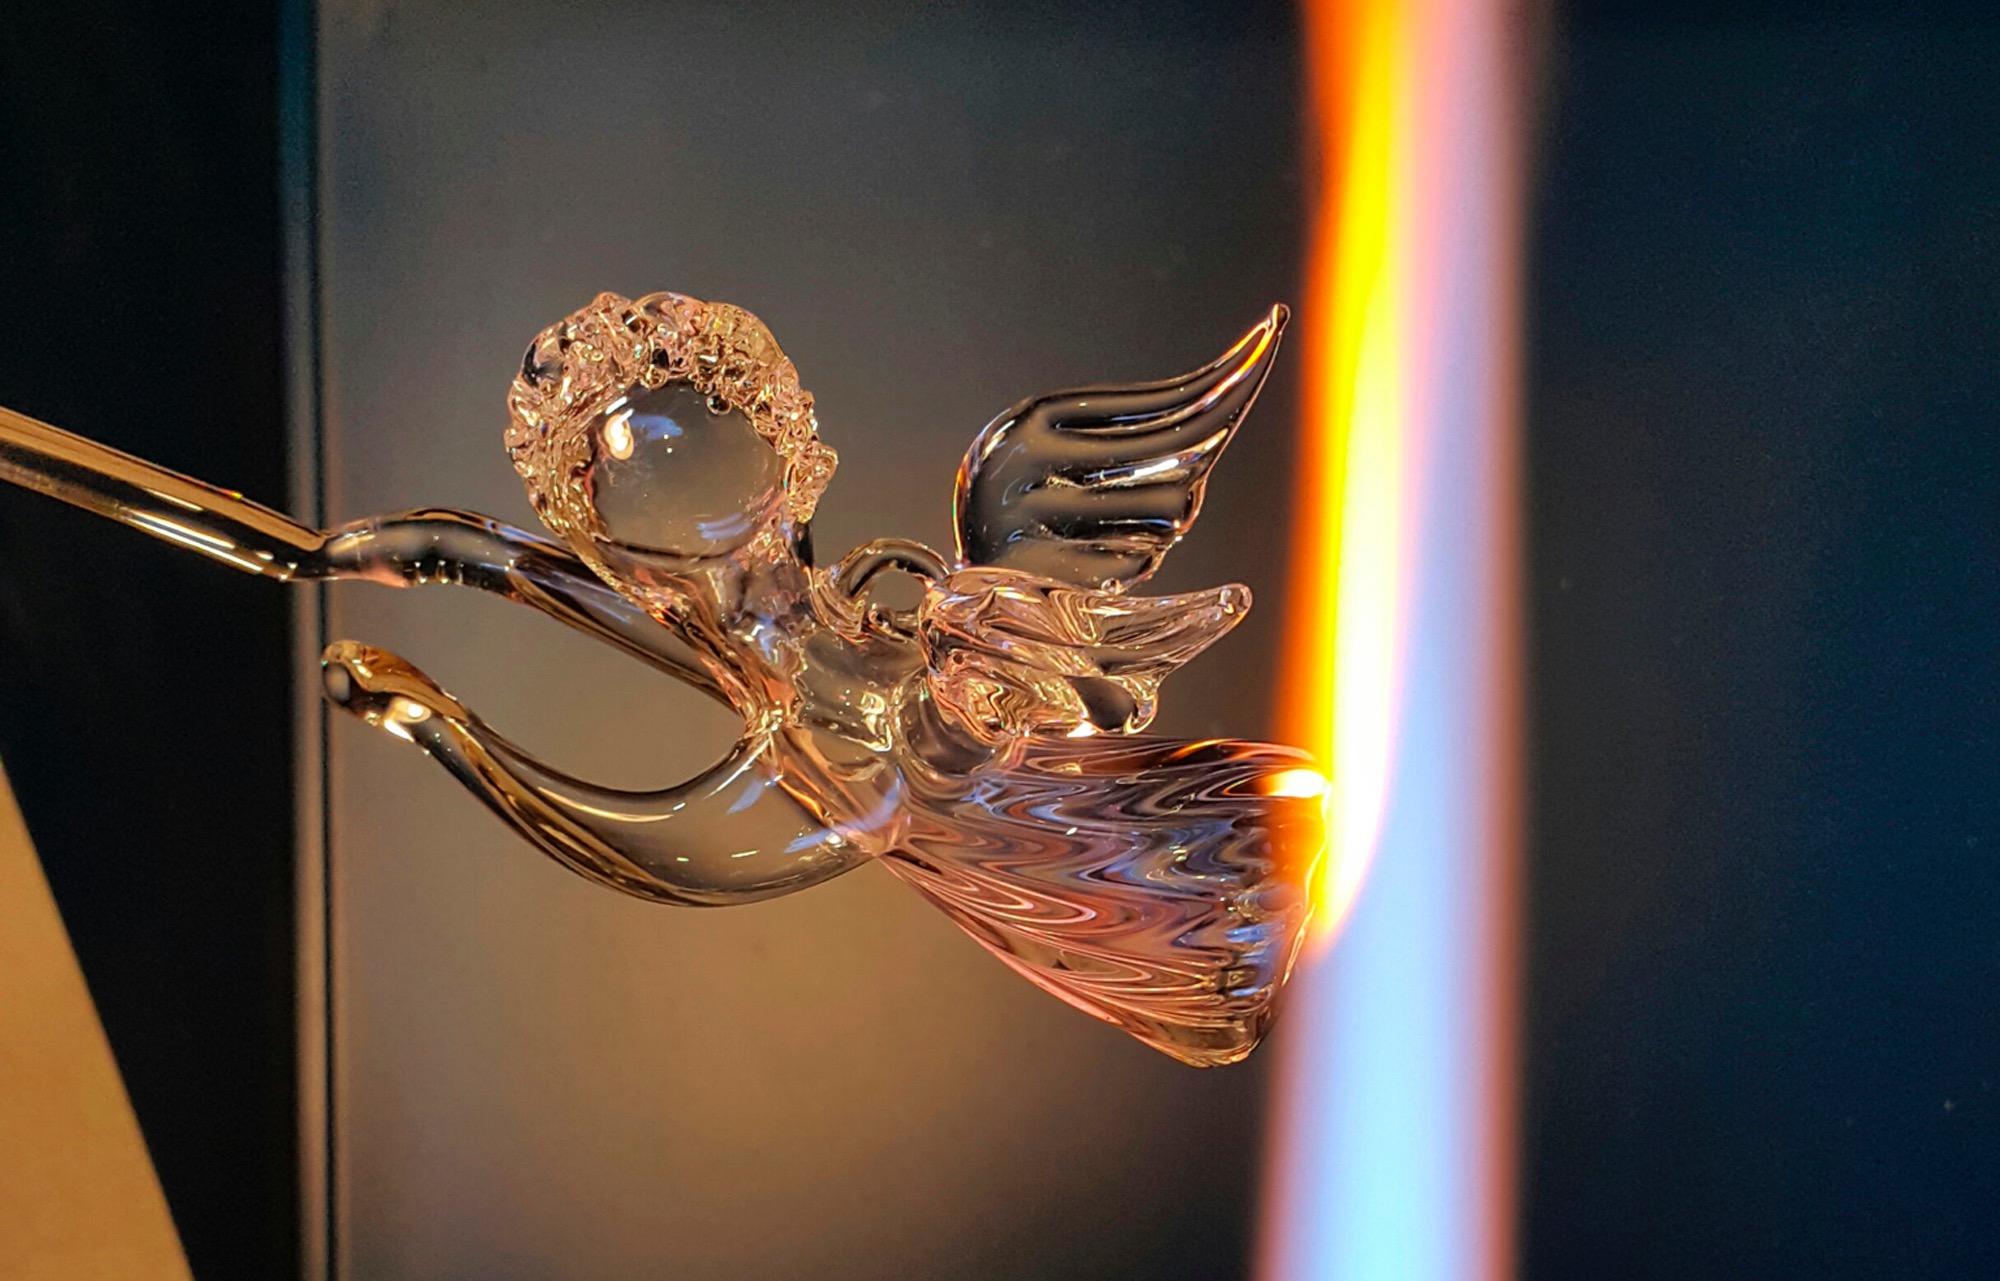 В Твери пройдет уникальная выставка художественного стекла - новости Афанасий